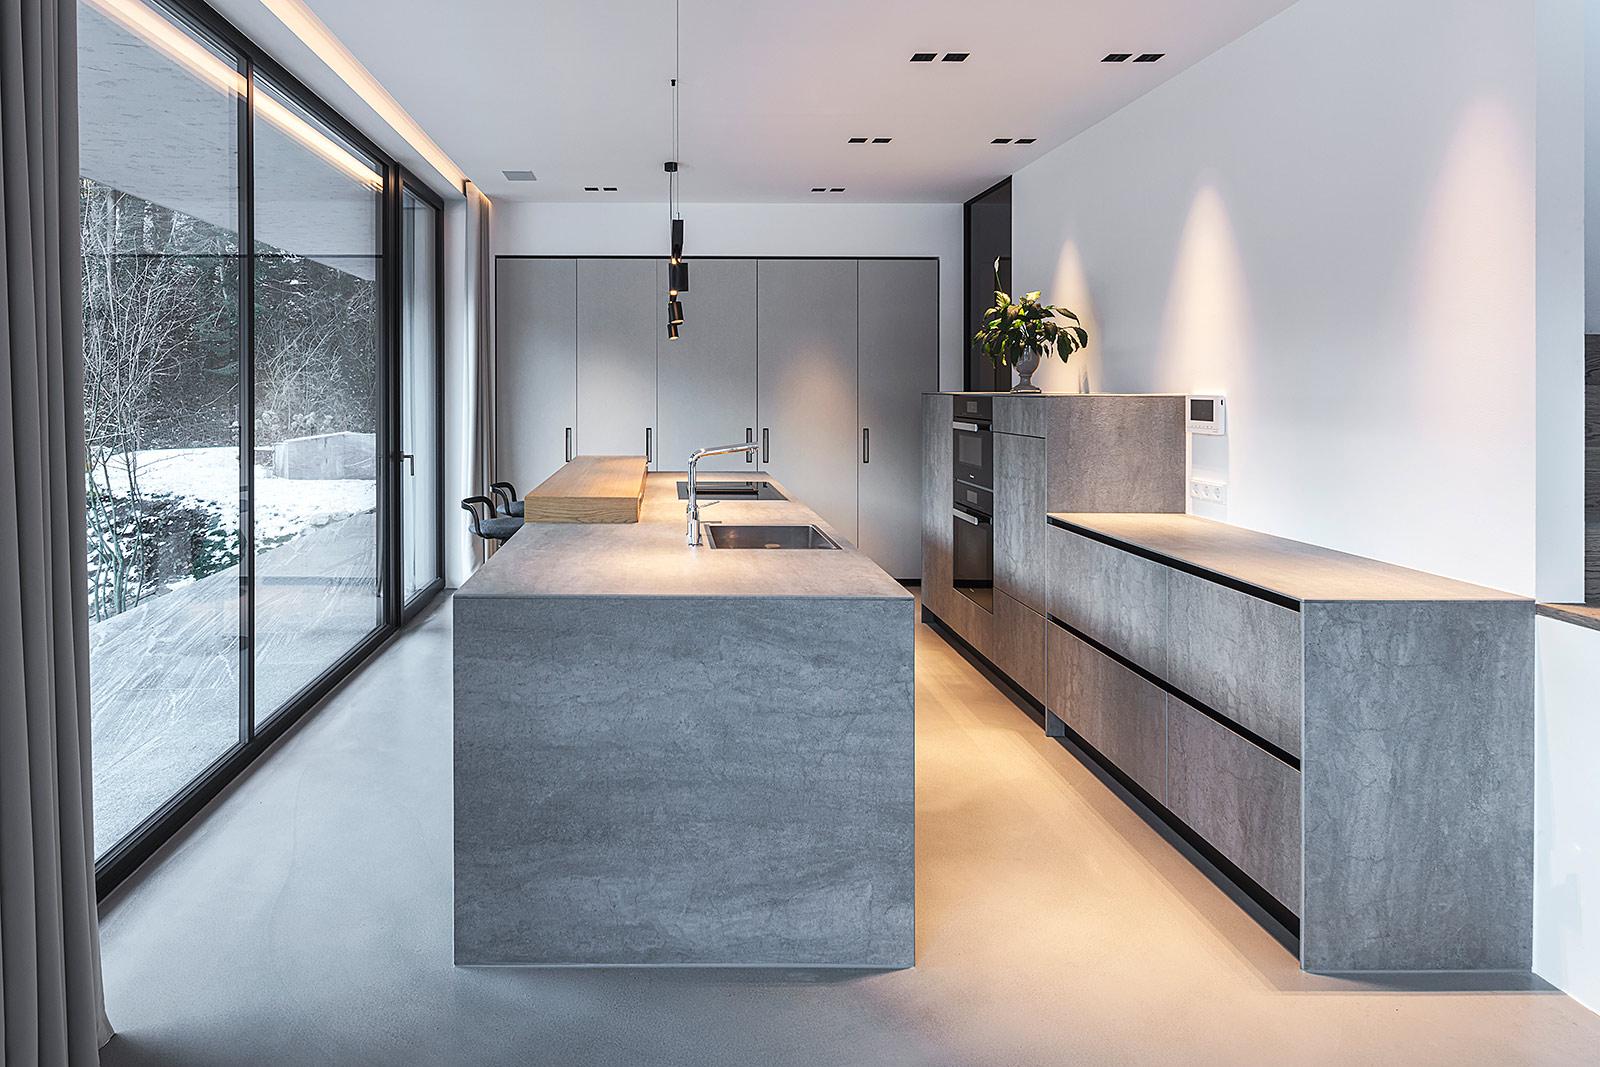 Interior Fotoaufnahme einer Küche